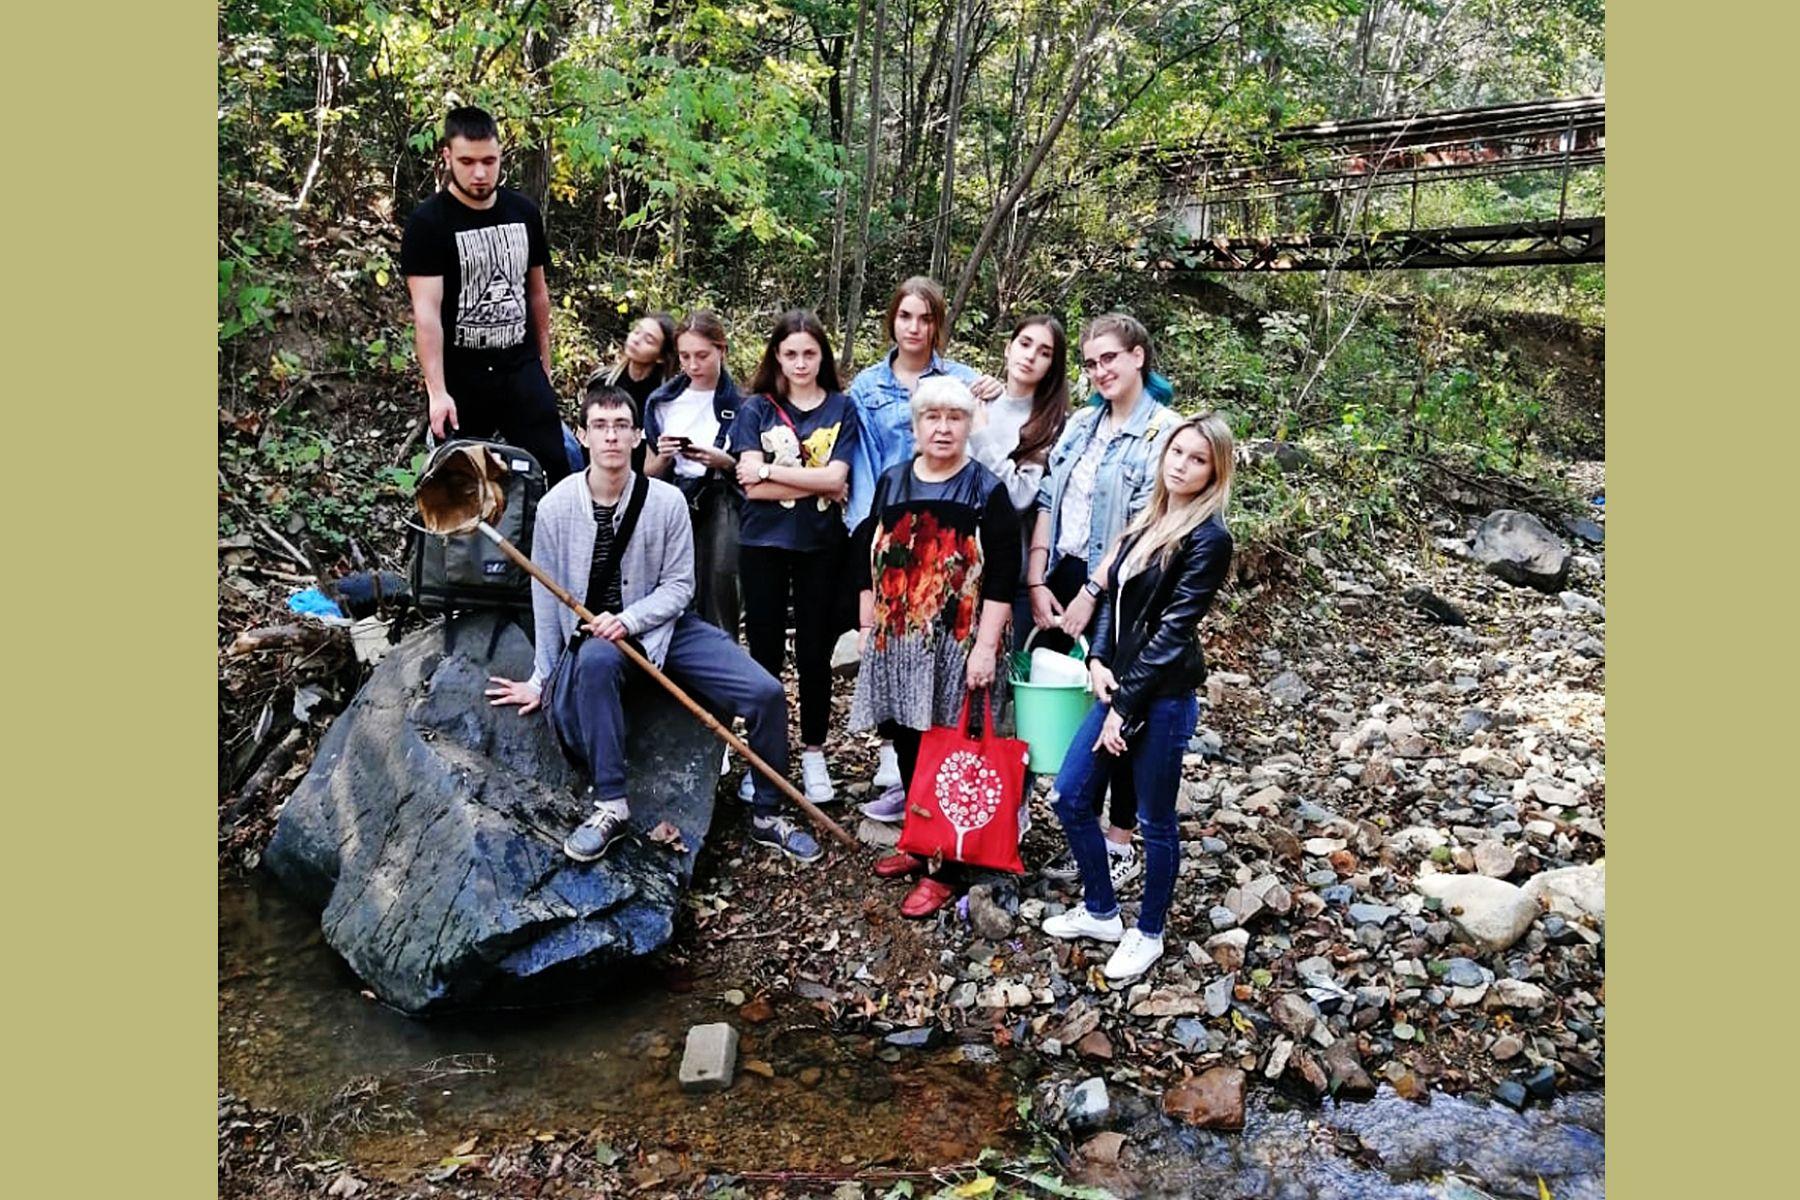 Научно-общественный проект «Ревитализация Второй Речки»: студенты ВГУЭС занимаются решением проблем загрязнения городских водотоков